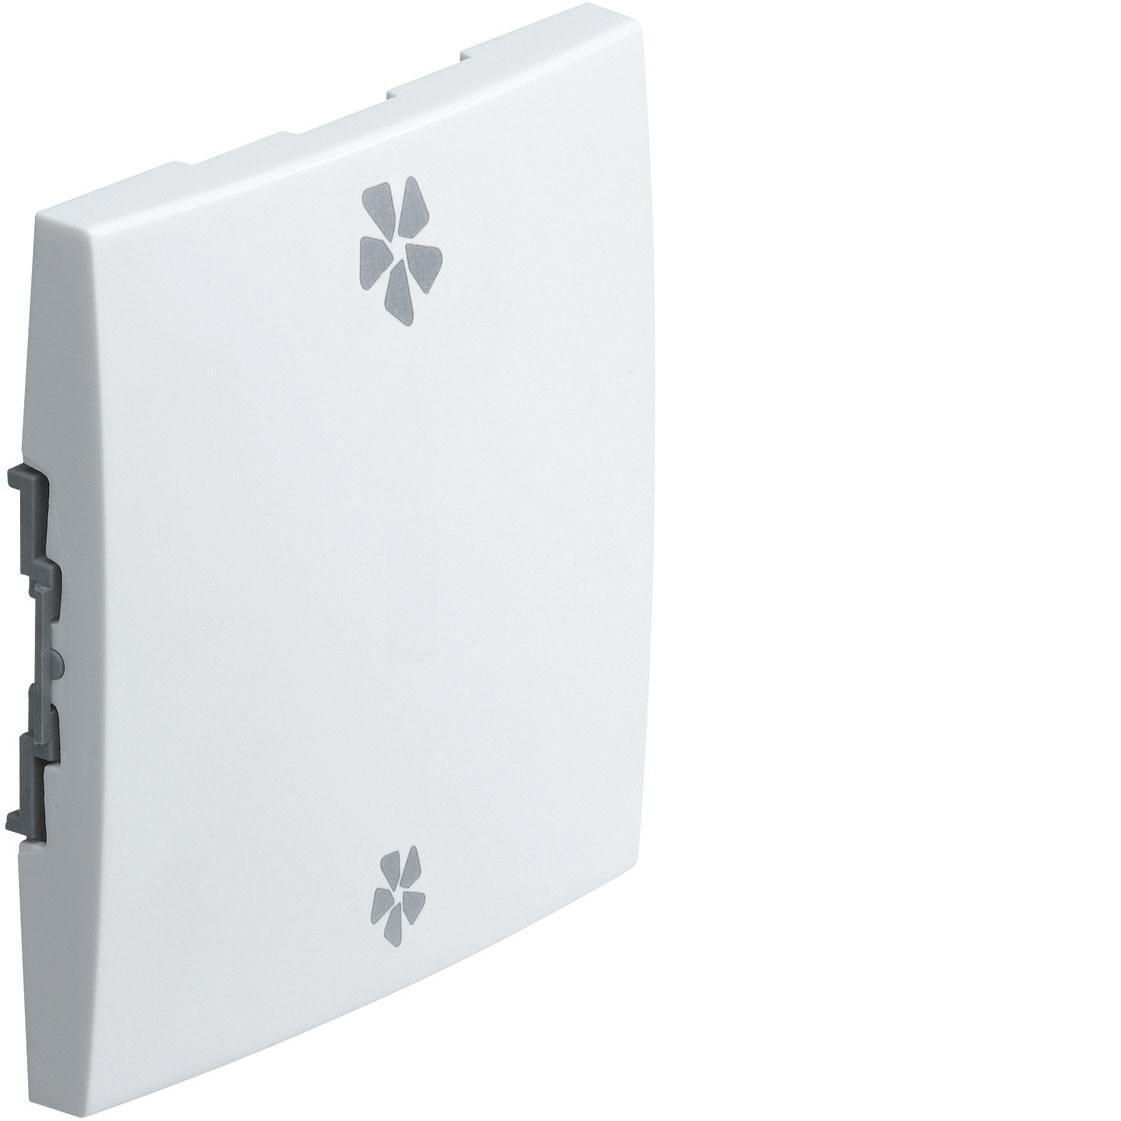 Kallysta - Enjoliveur titane - Commande VMC Hager